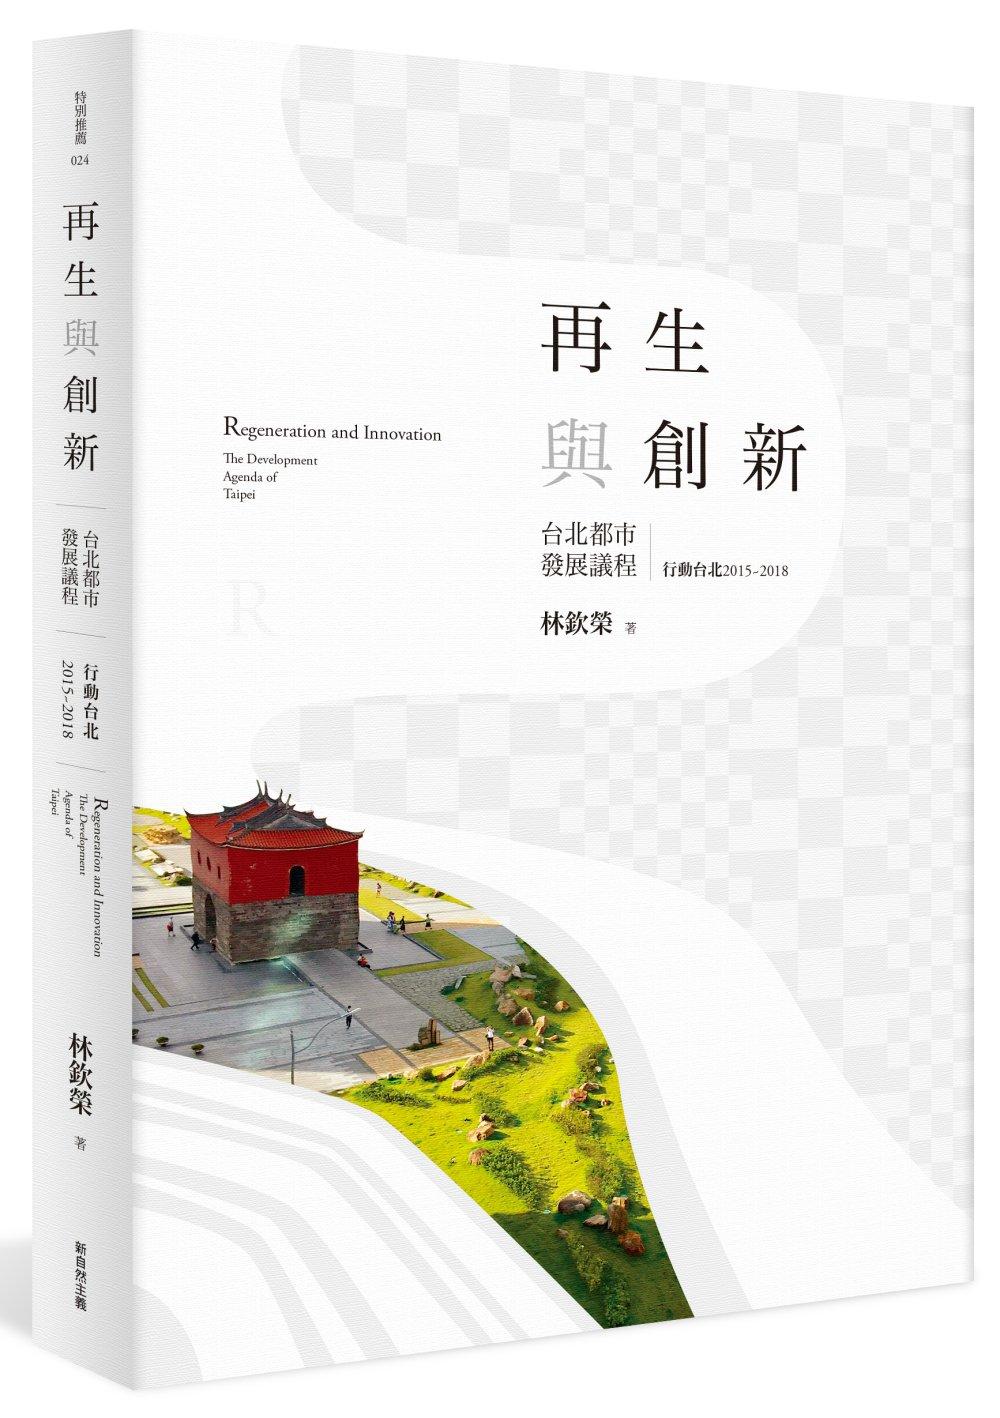 再生與創新:台北都市發展議程:行動台北2015~2018